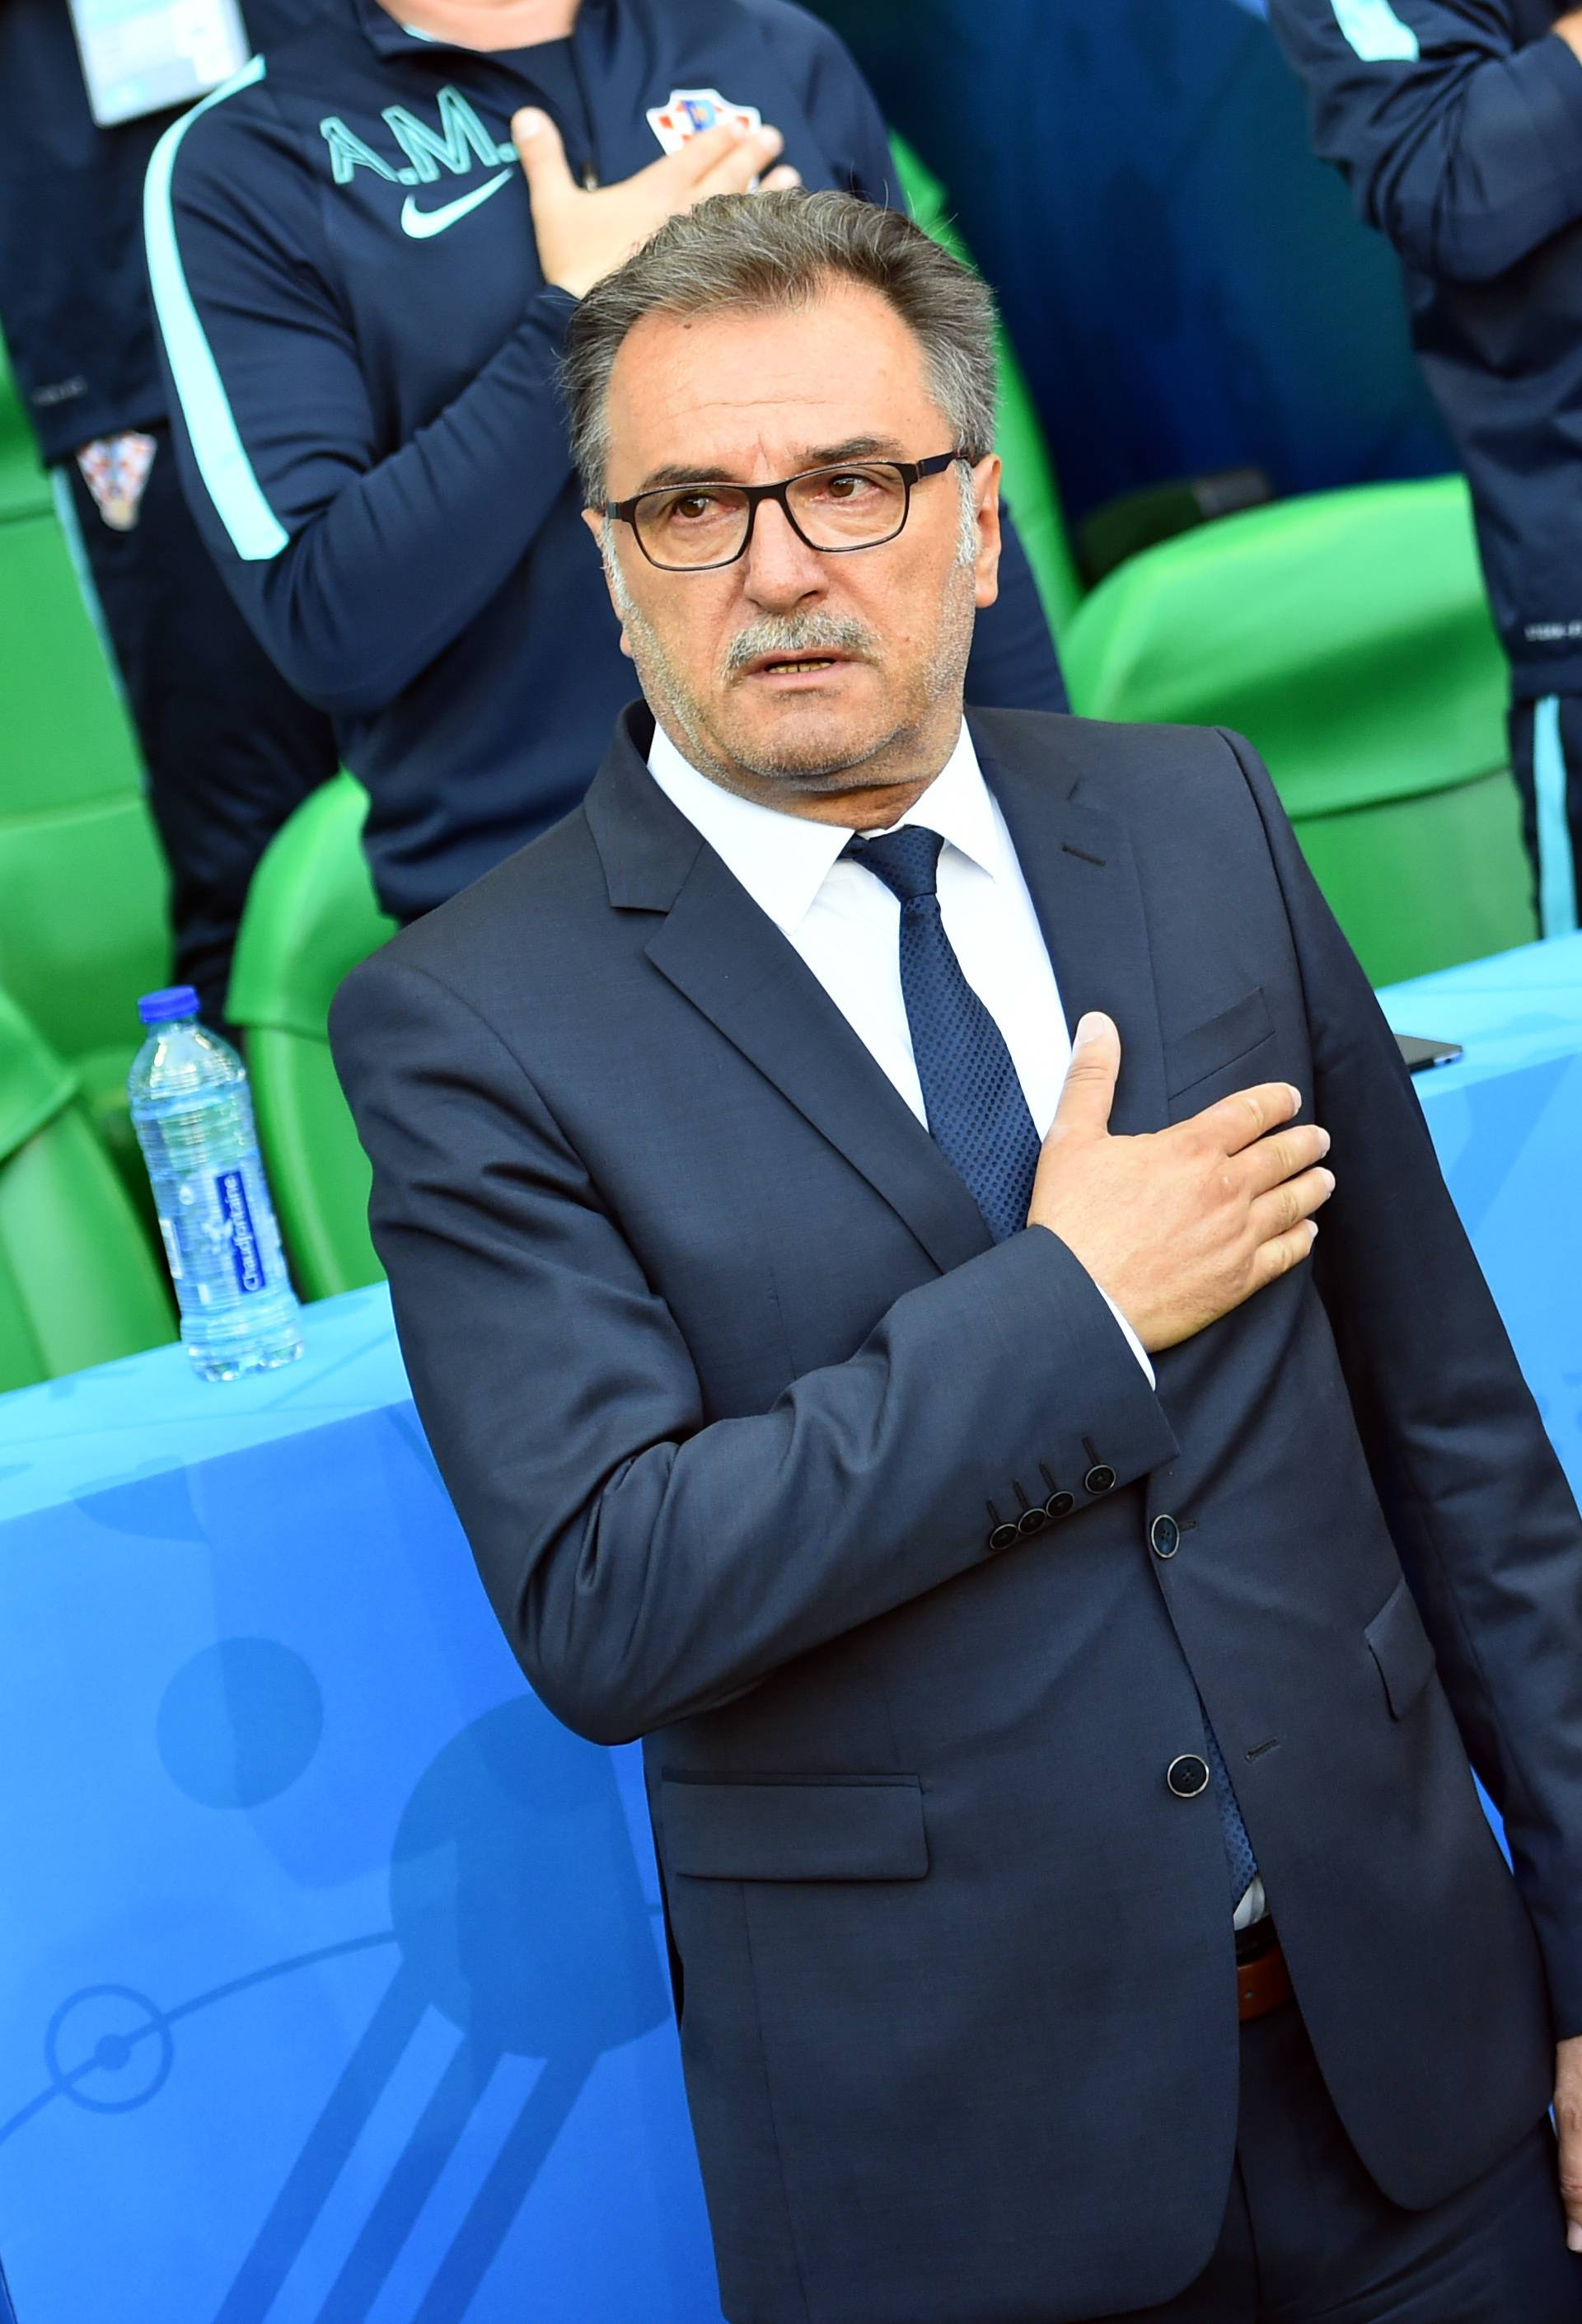 Euro 2016 Group D Czech Republic - Croatia